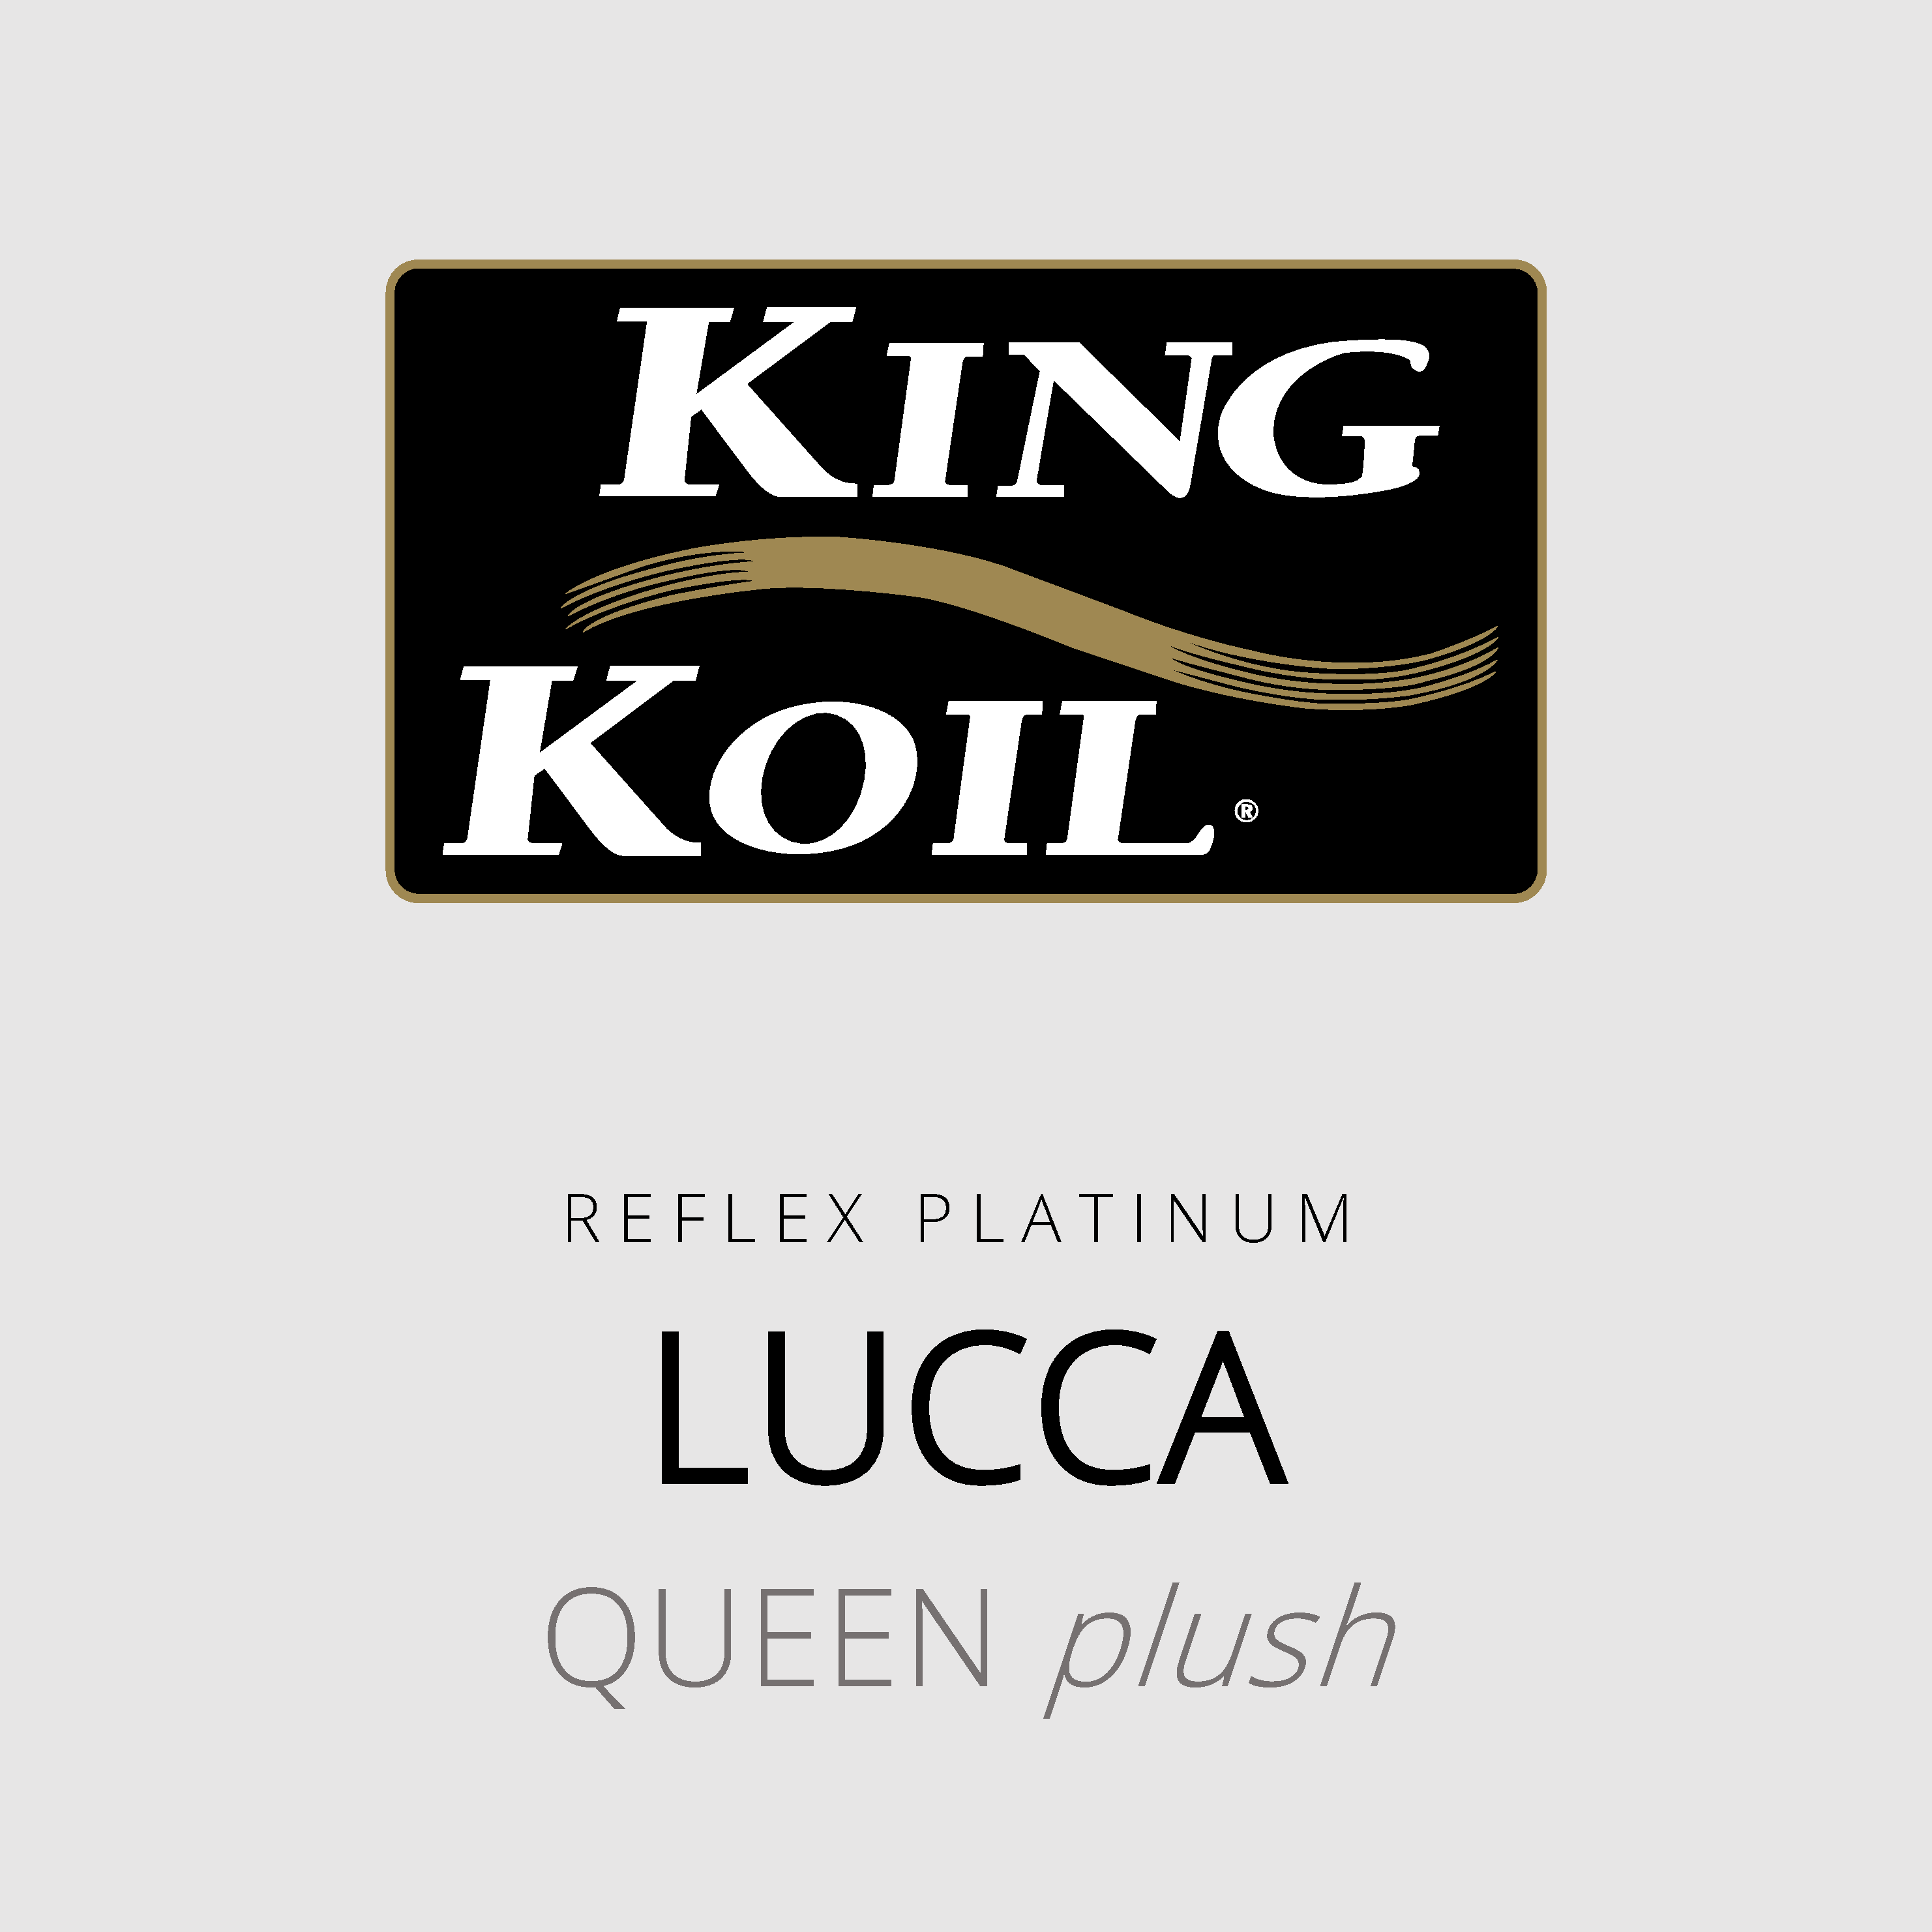 King Koil – Lucca – Reflex Platinum – Queen Plush Mattress